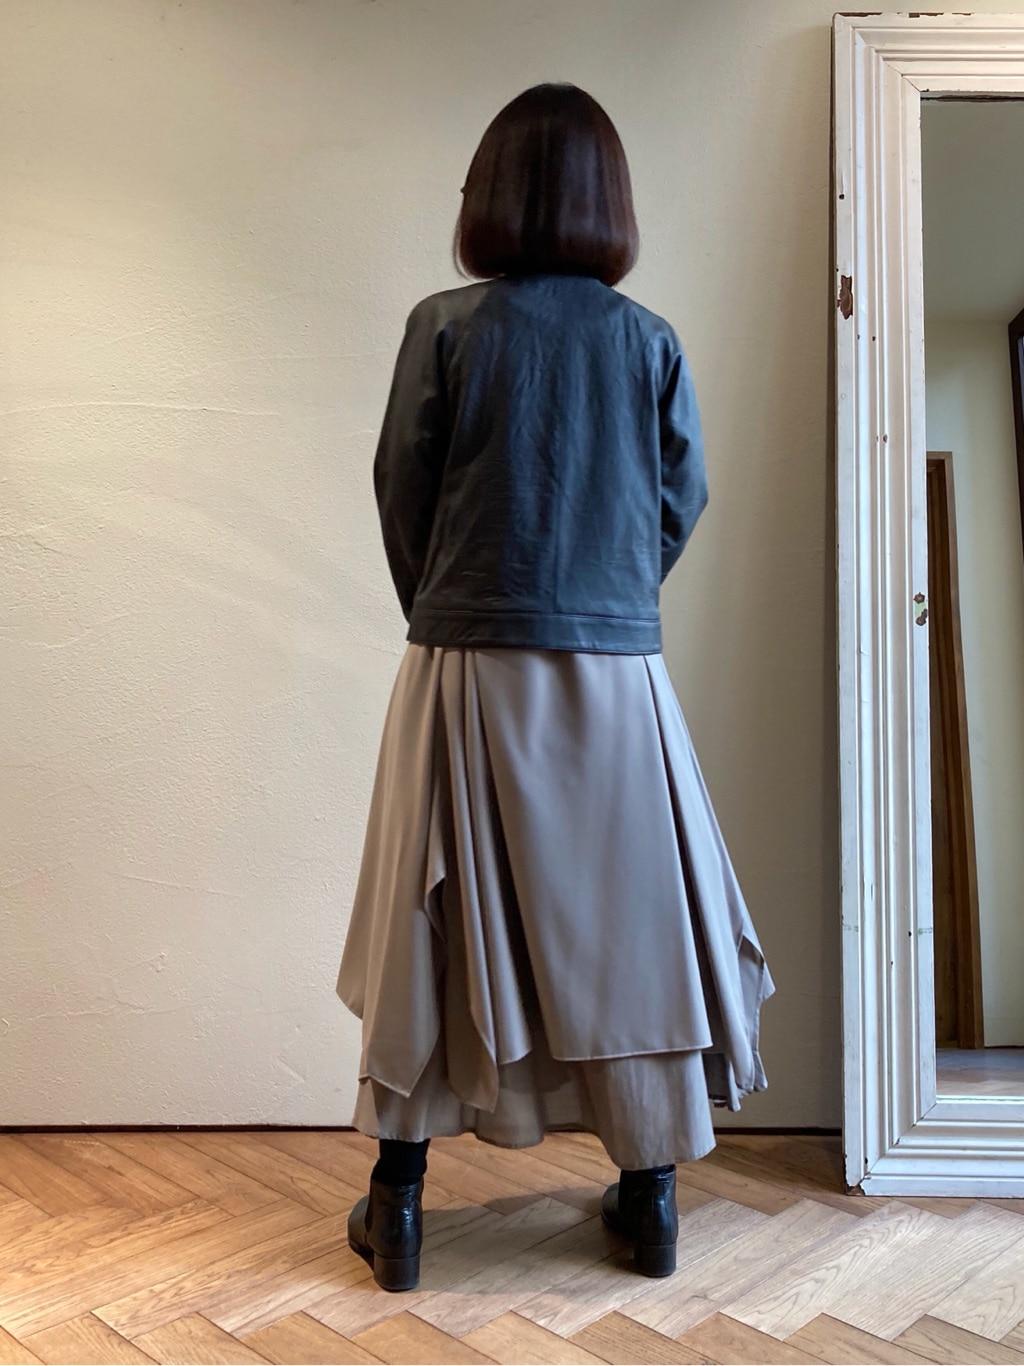 yuni 京都路面 身長:152cm 2021.02.20